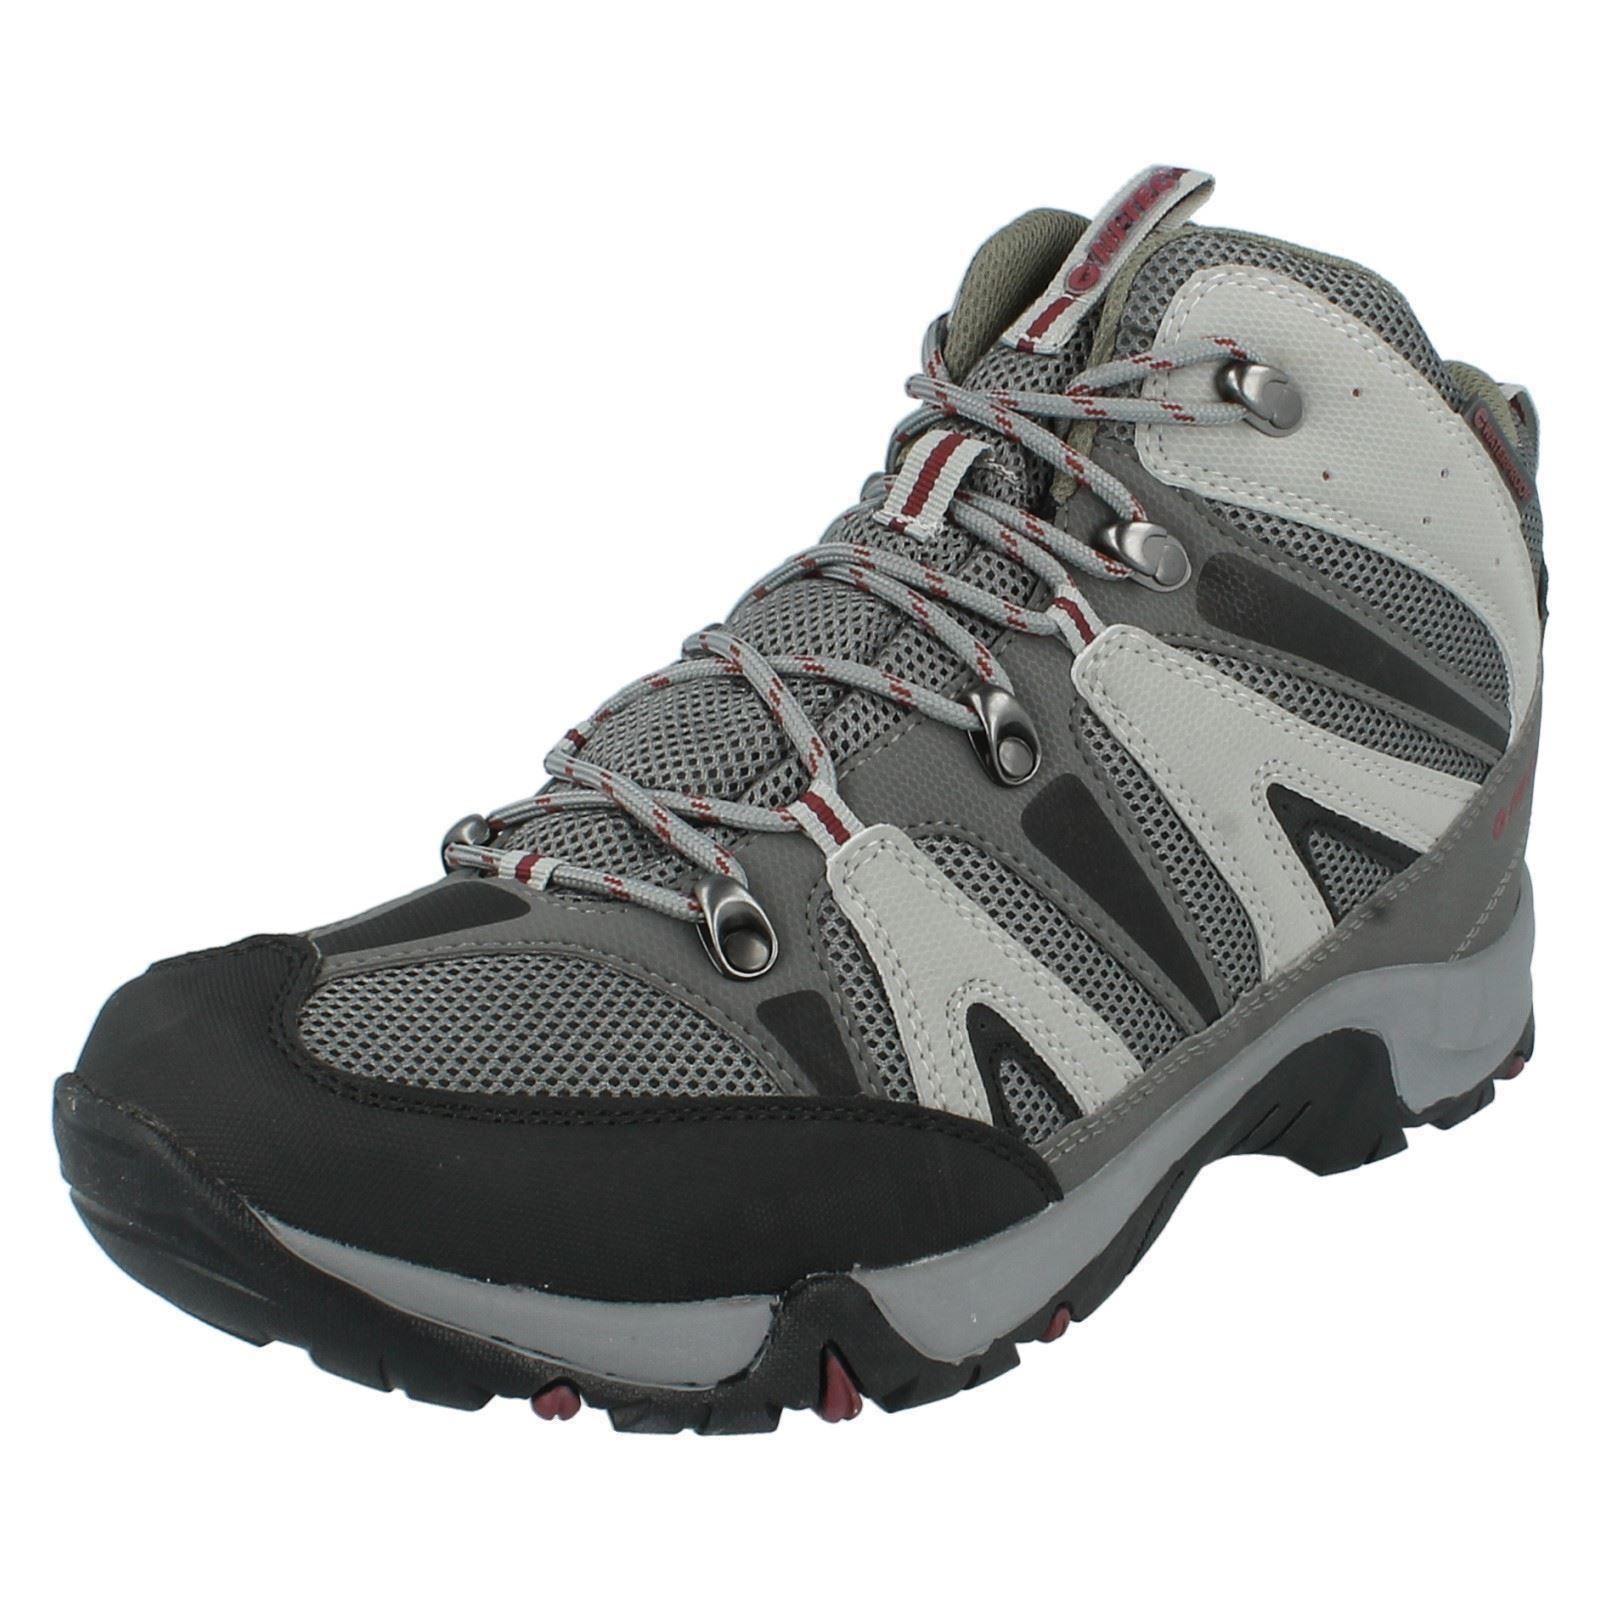 nero scarpe Condor in sintetico arrotondata Wp punta rosso passeggio grigio Hi nabuk stringate tec casual Mens nero da nqz678Yz